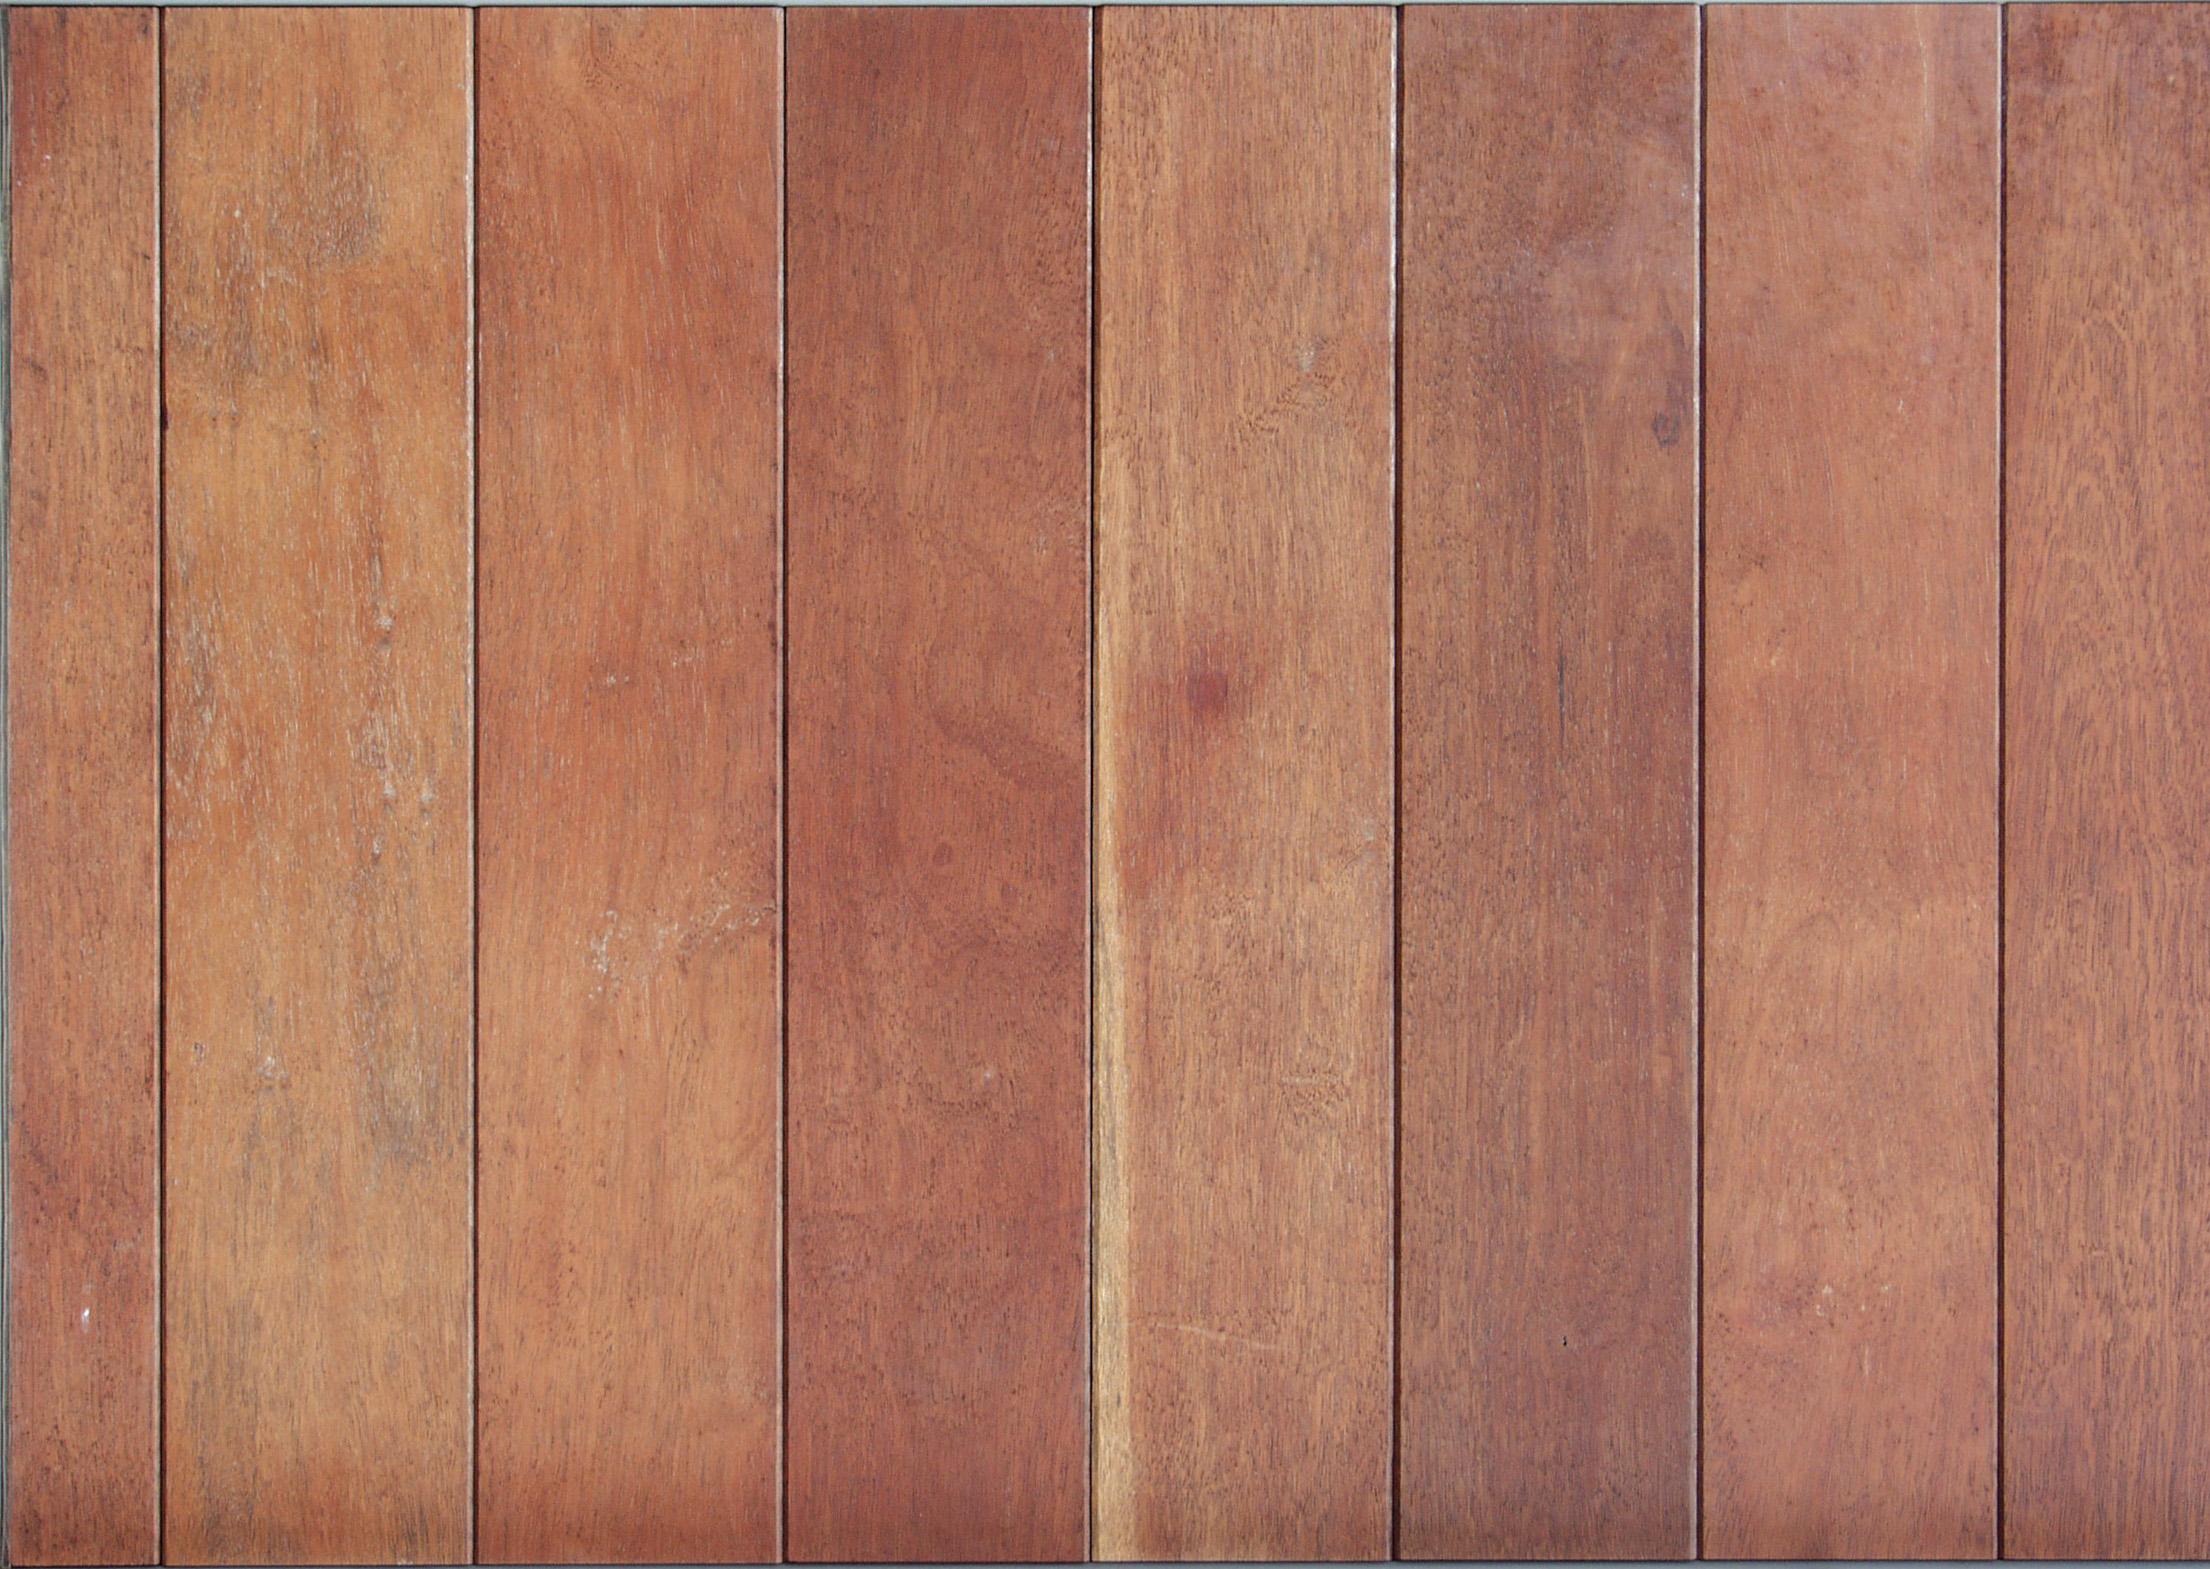 Juntas entre la madera espacio en pisos espacio entre el - Rellenar juntas piso madera ...